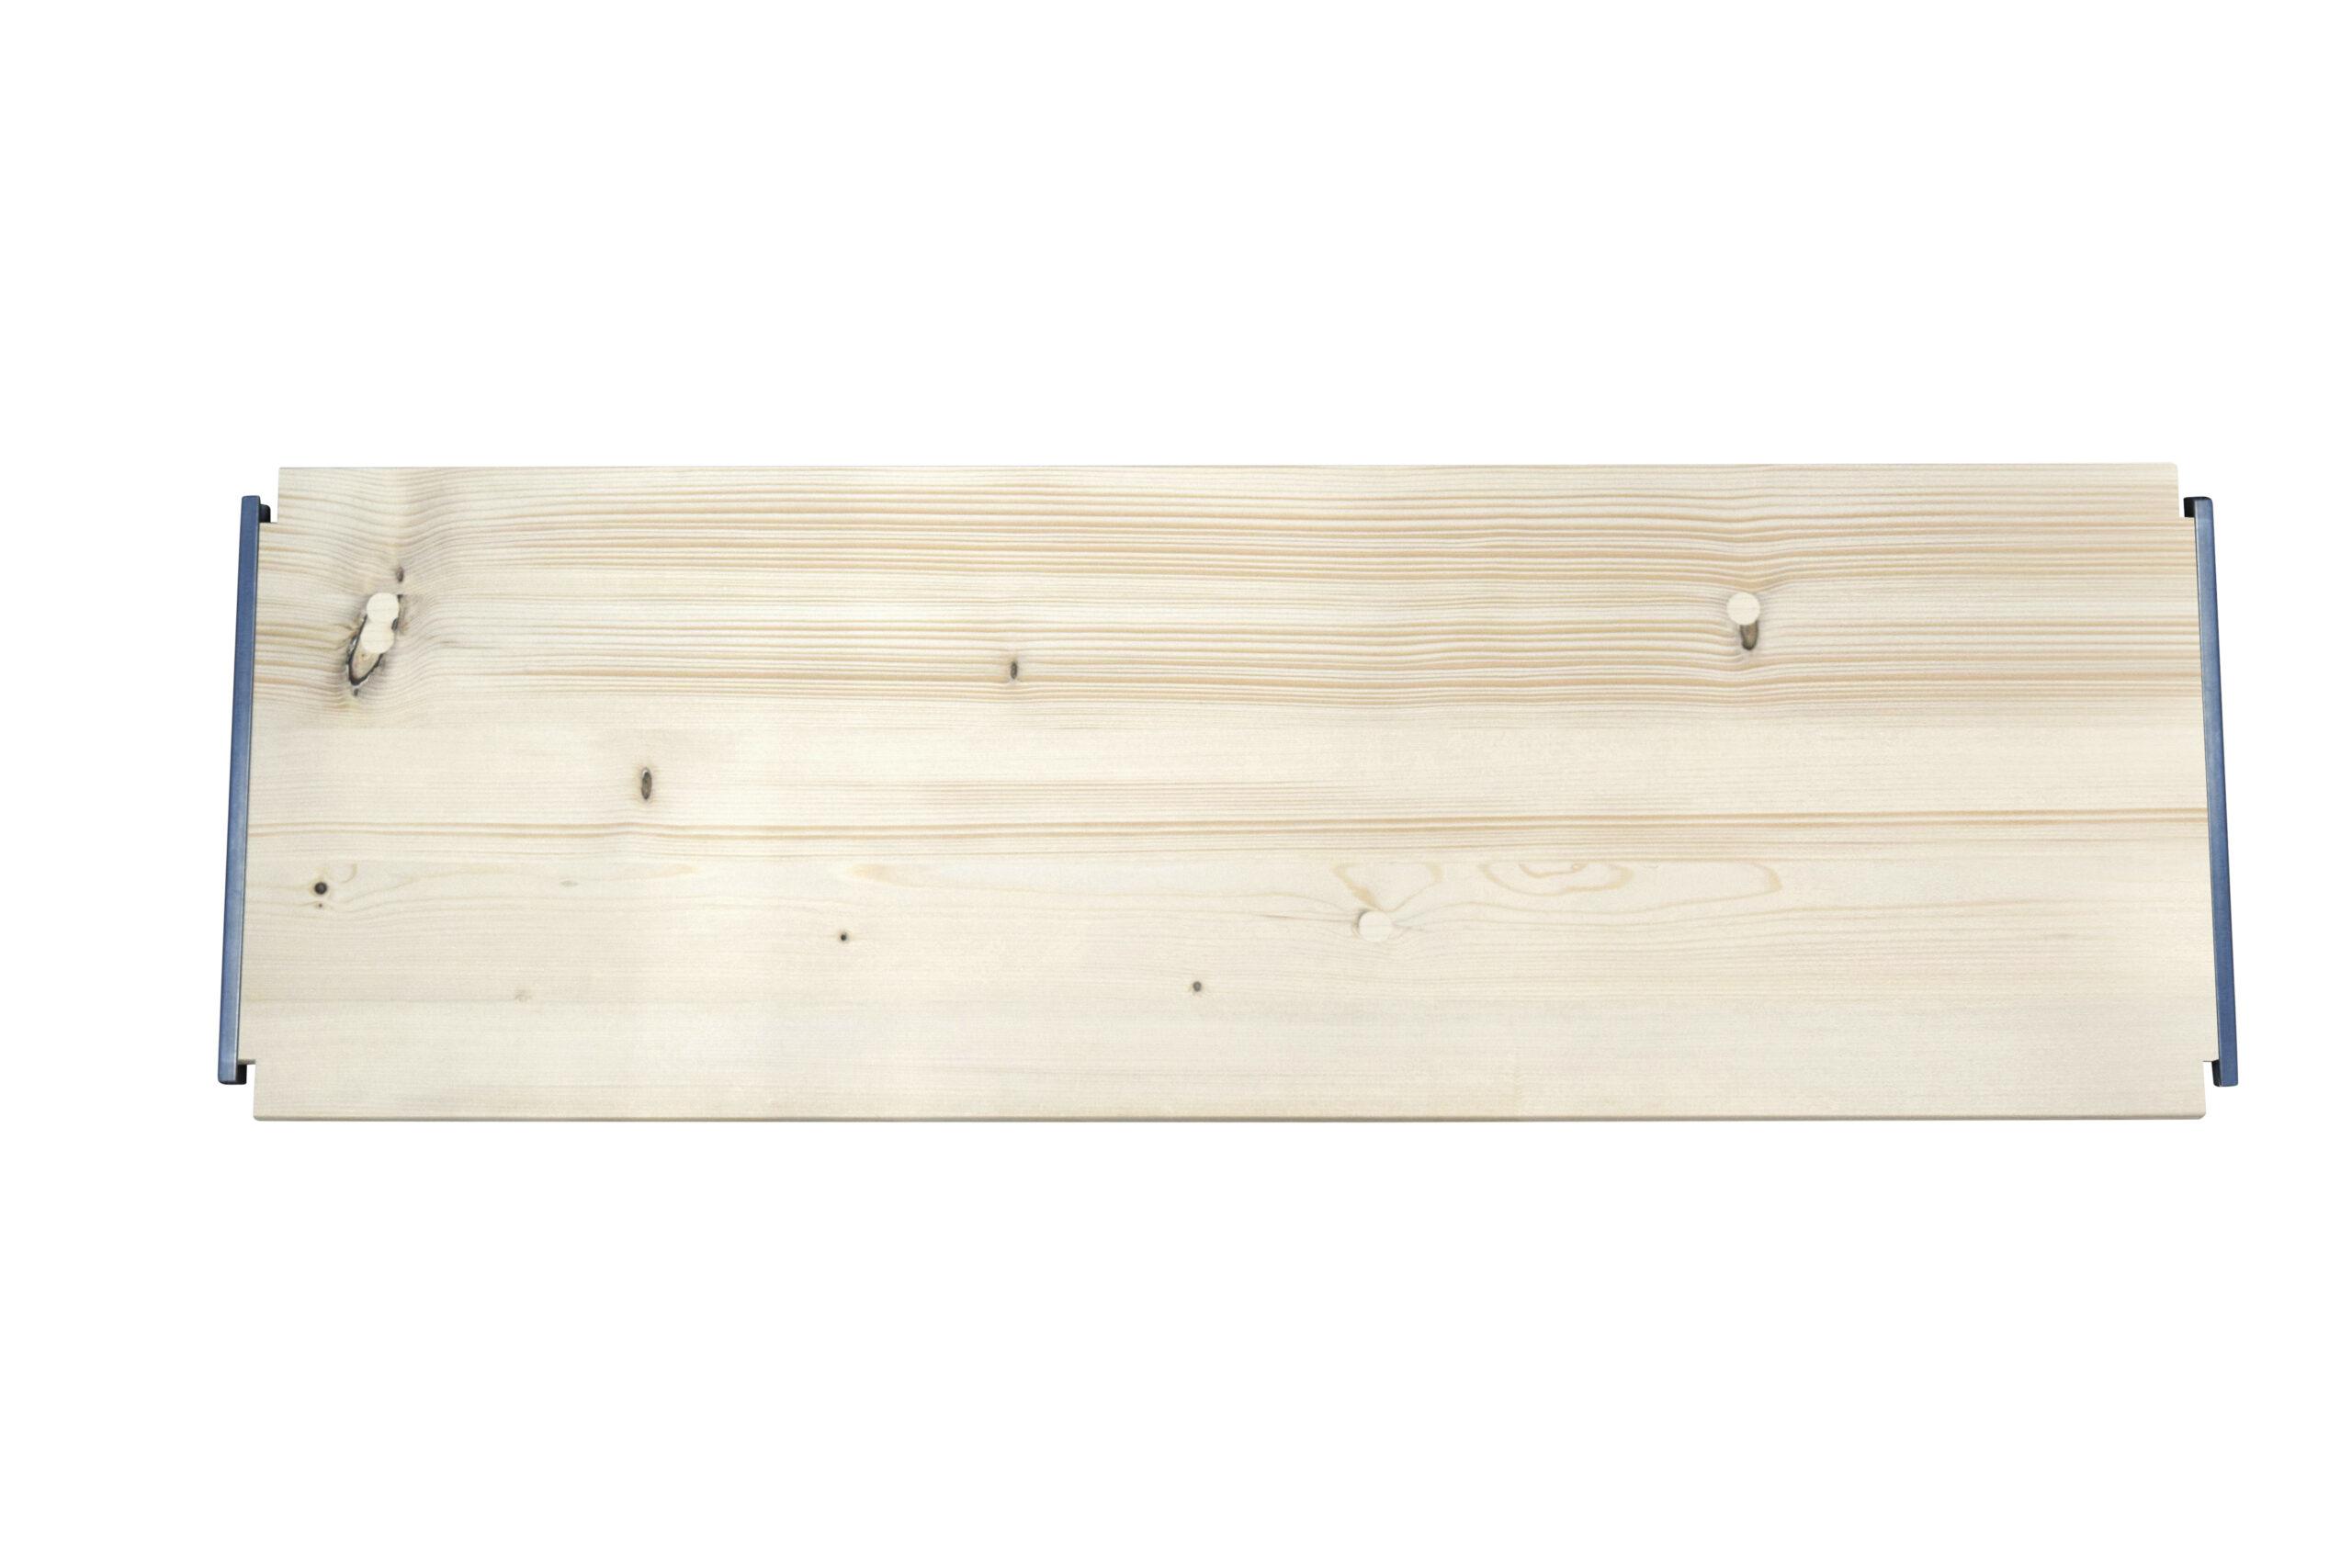 Full Size of Tiefes Regal Lagerregal Babyzimmer Holz Metall Cd Regale Aus Weinkisten Bad Weiß Kleiderschrank Offenes Obstkisten Nussbaum Modular Kinderzimmer Buche Kaufen Regal Tiefes Regal